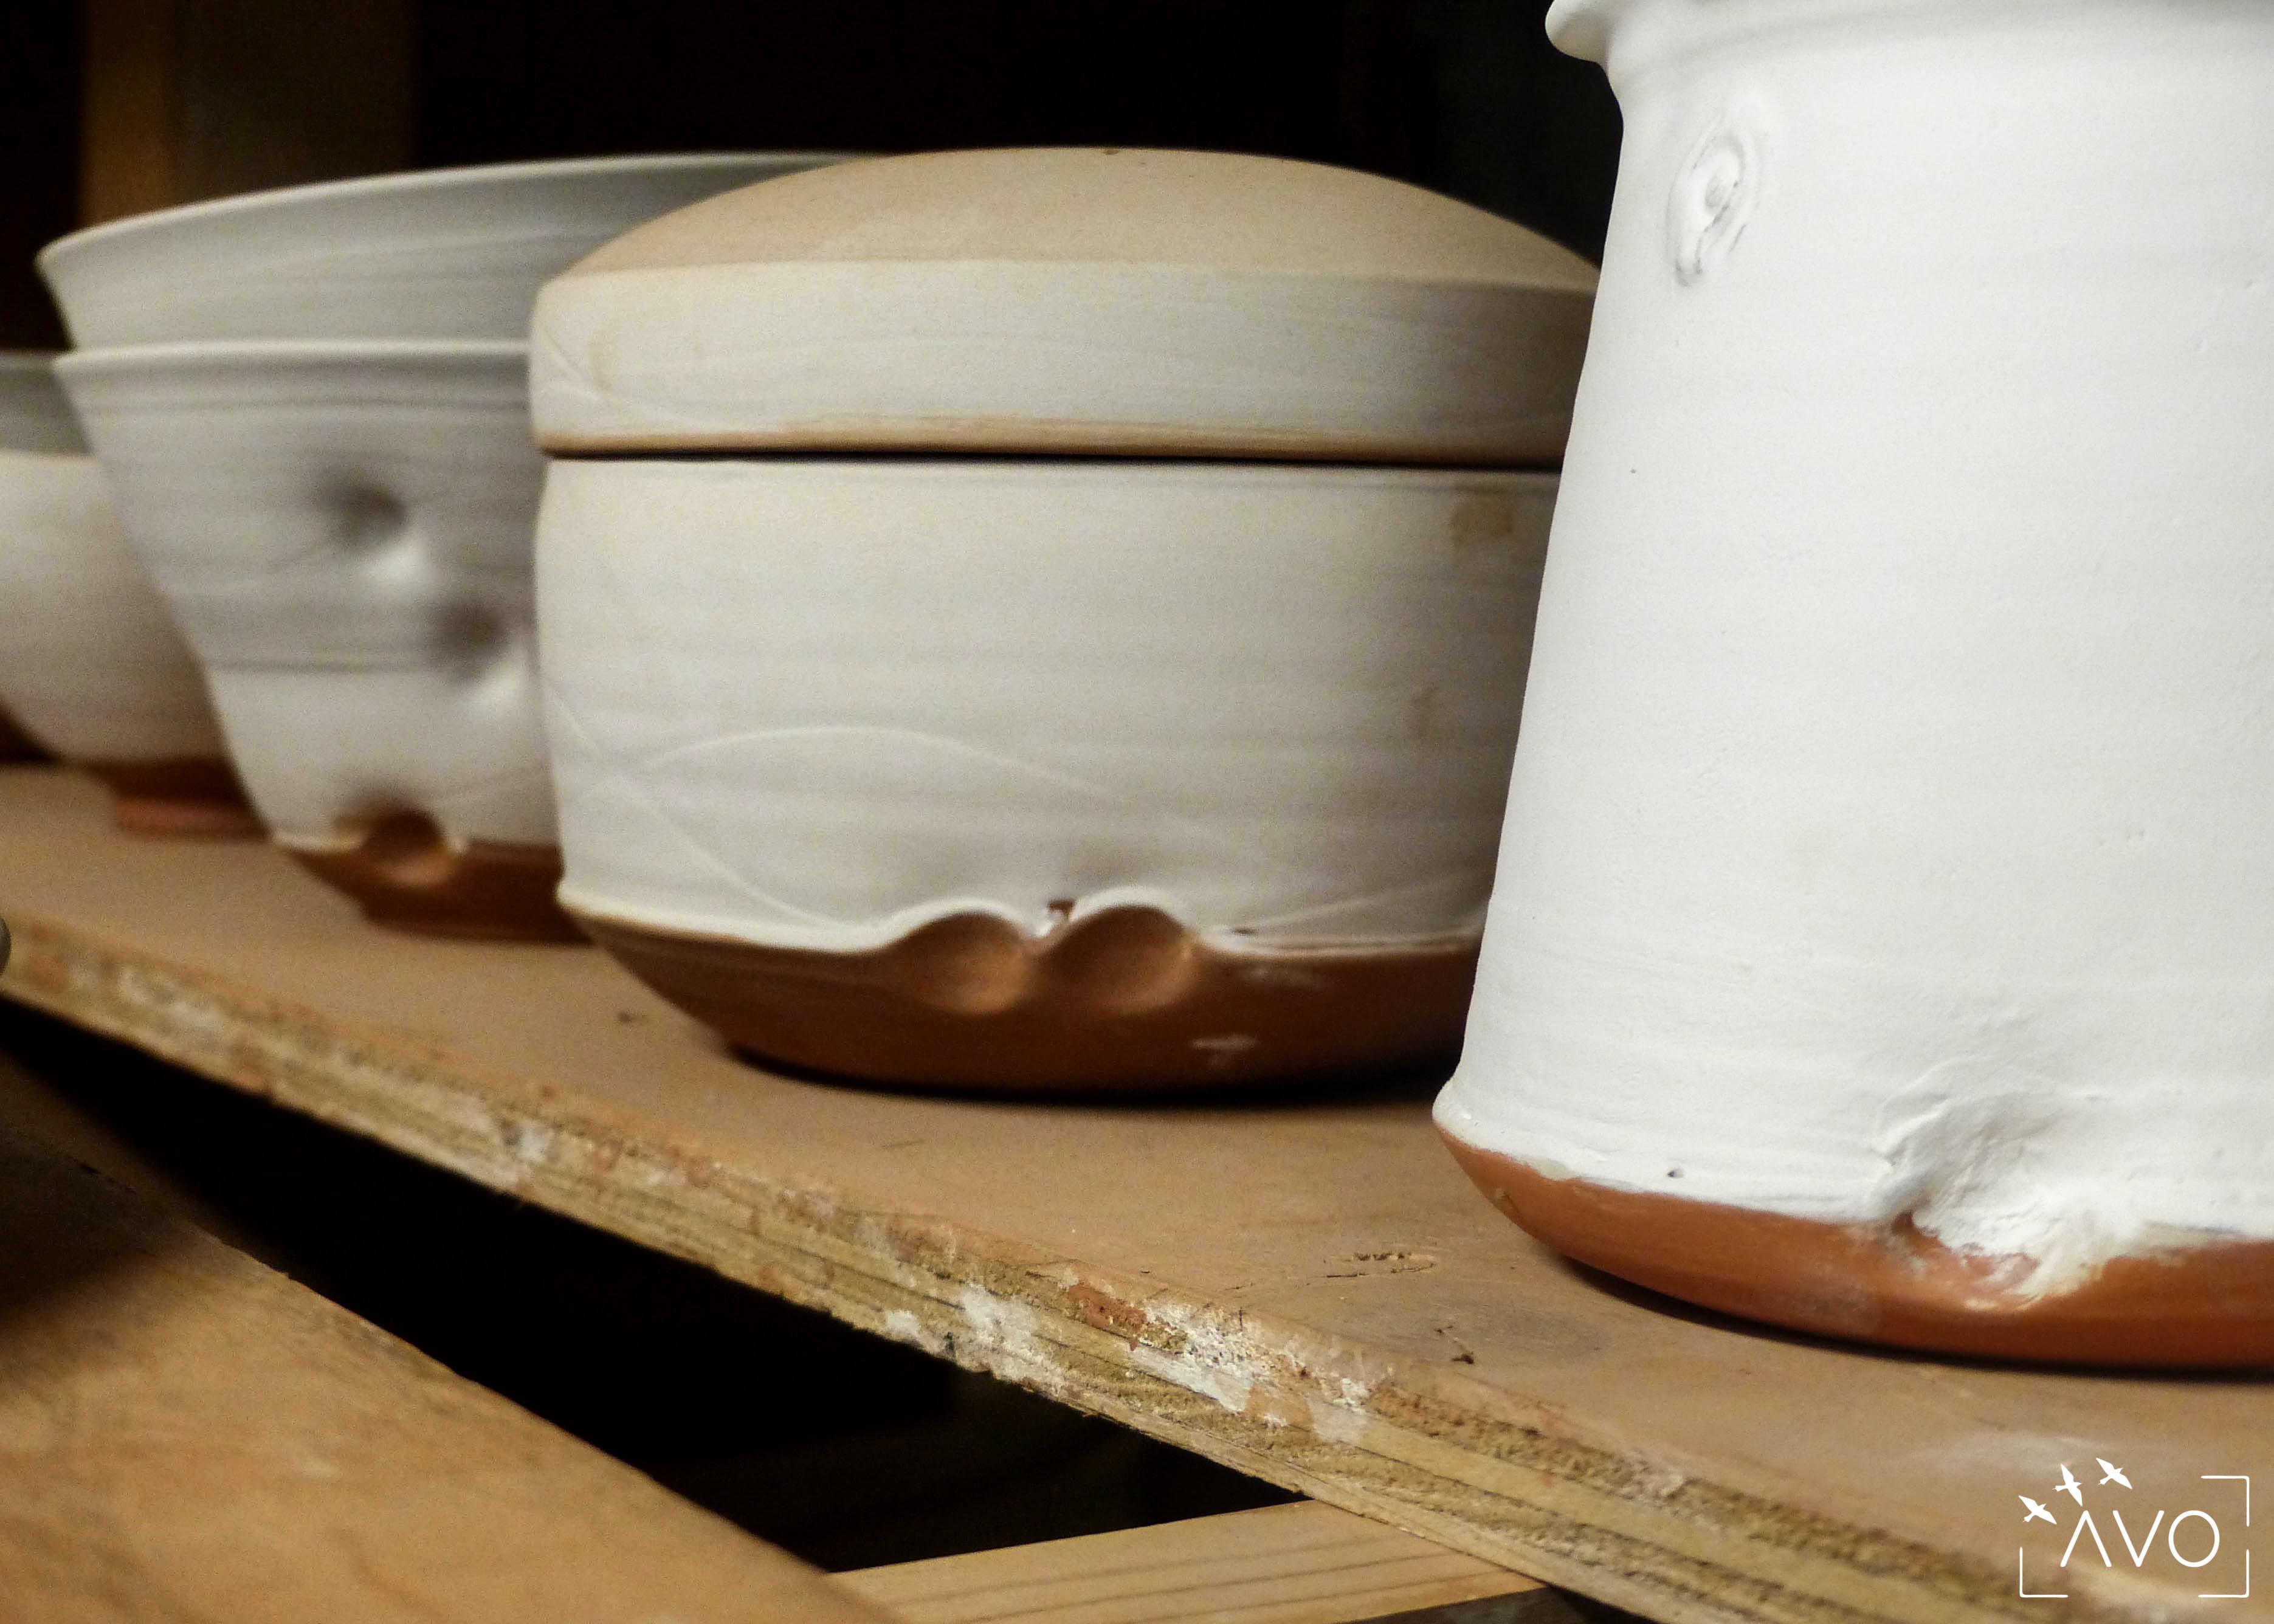 marina-leflon-ceramiste-courzieu-atelier-gres-faience-fleurs-terre-avo-avoldooiseau-ceramiques-art-de-la-table-atelier-boite-poterie